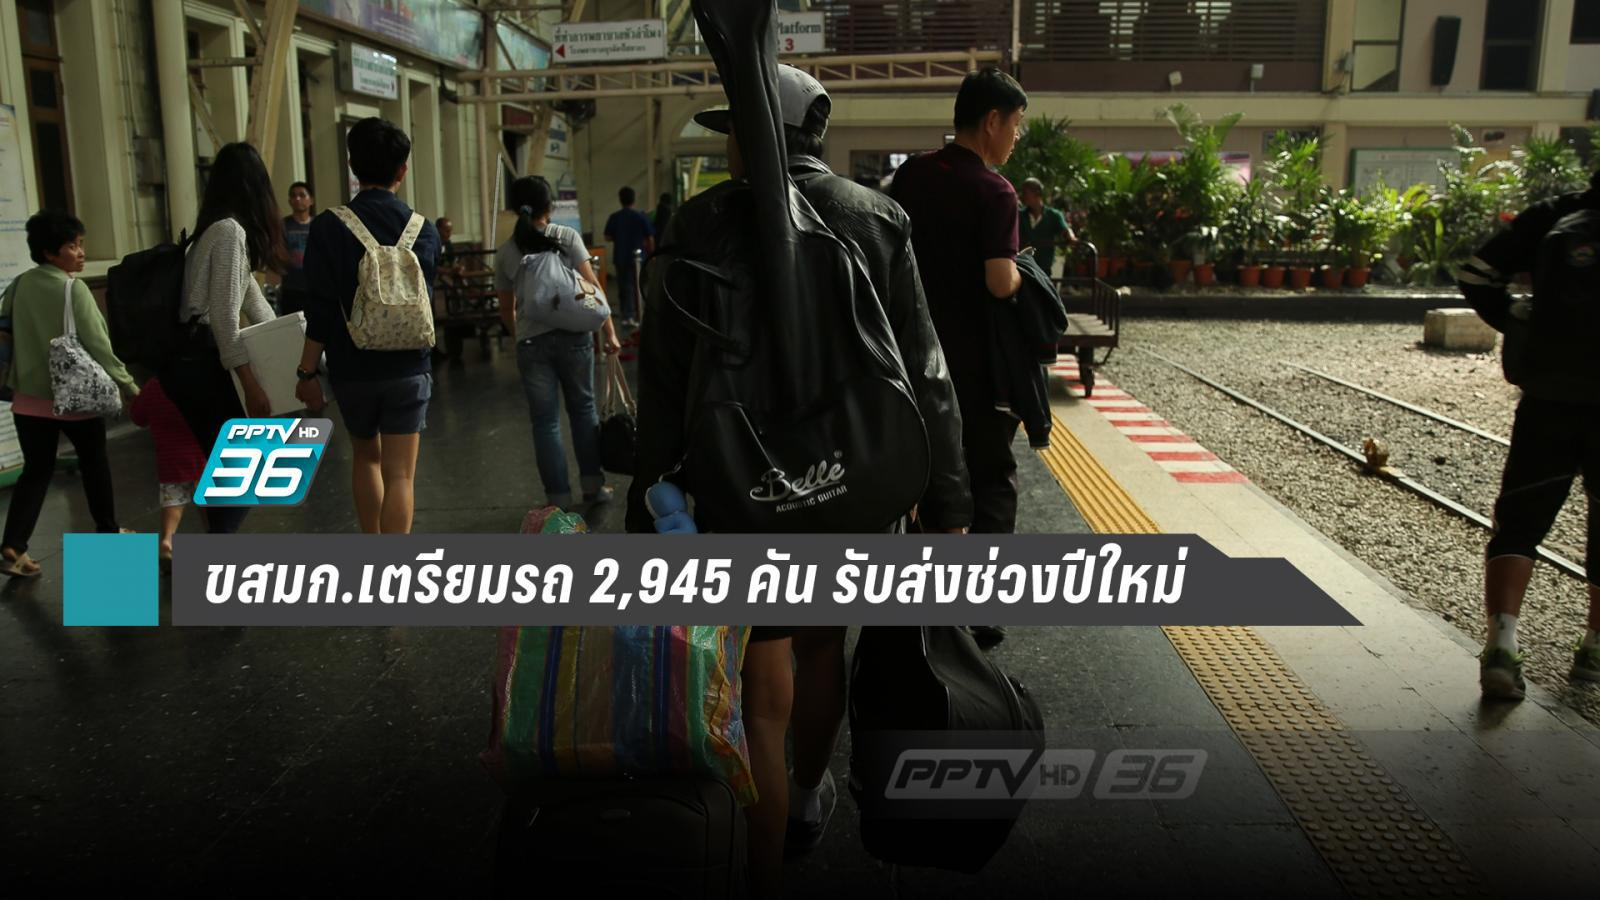 ขสมก.เตรียมรถ 2,945 คัน รับส่งประชาชนช่วงปีใหม่